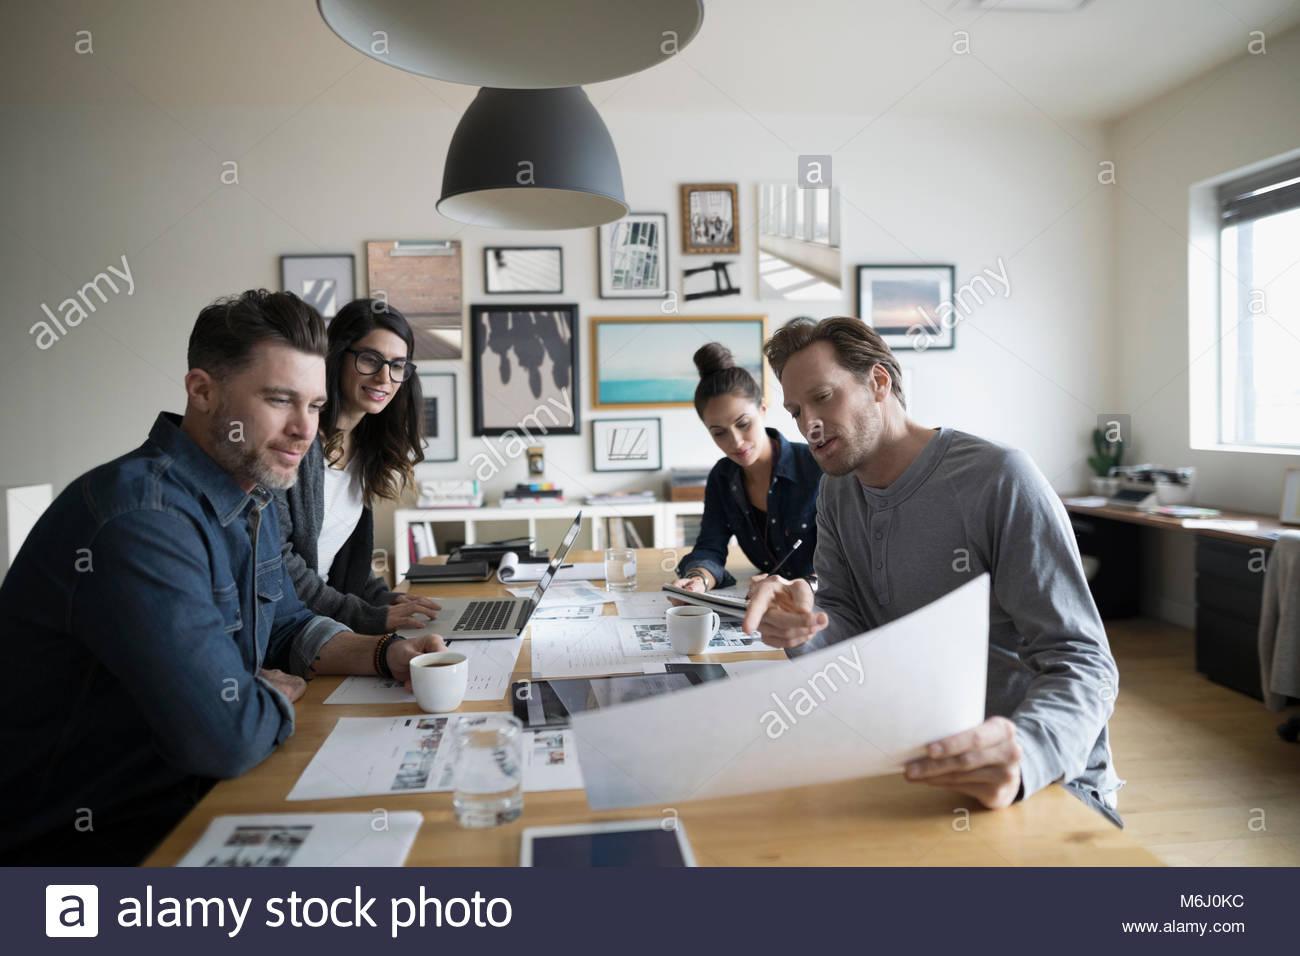 El equipo de producción de Photo Editor fotográfico revisión pruebas en reunión de oficina Imagen De Stock